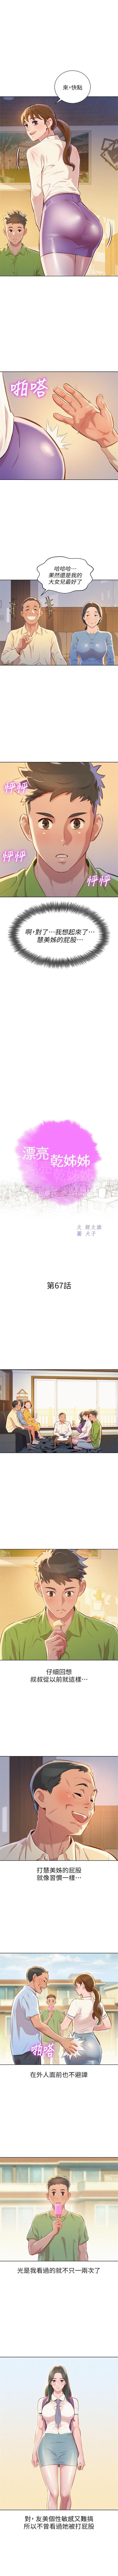 (週7)漂亮幹姐姐  1-92 中文翻譯 (更新中) 360